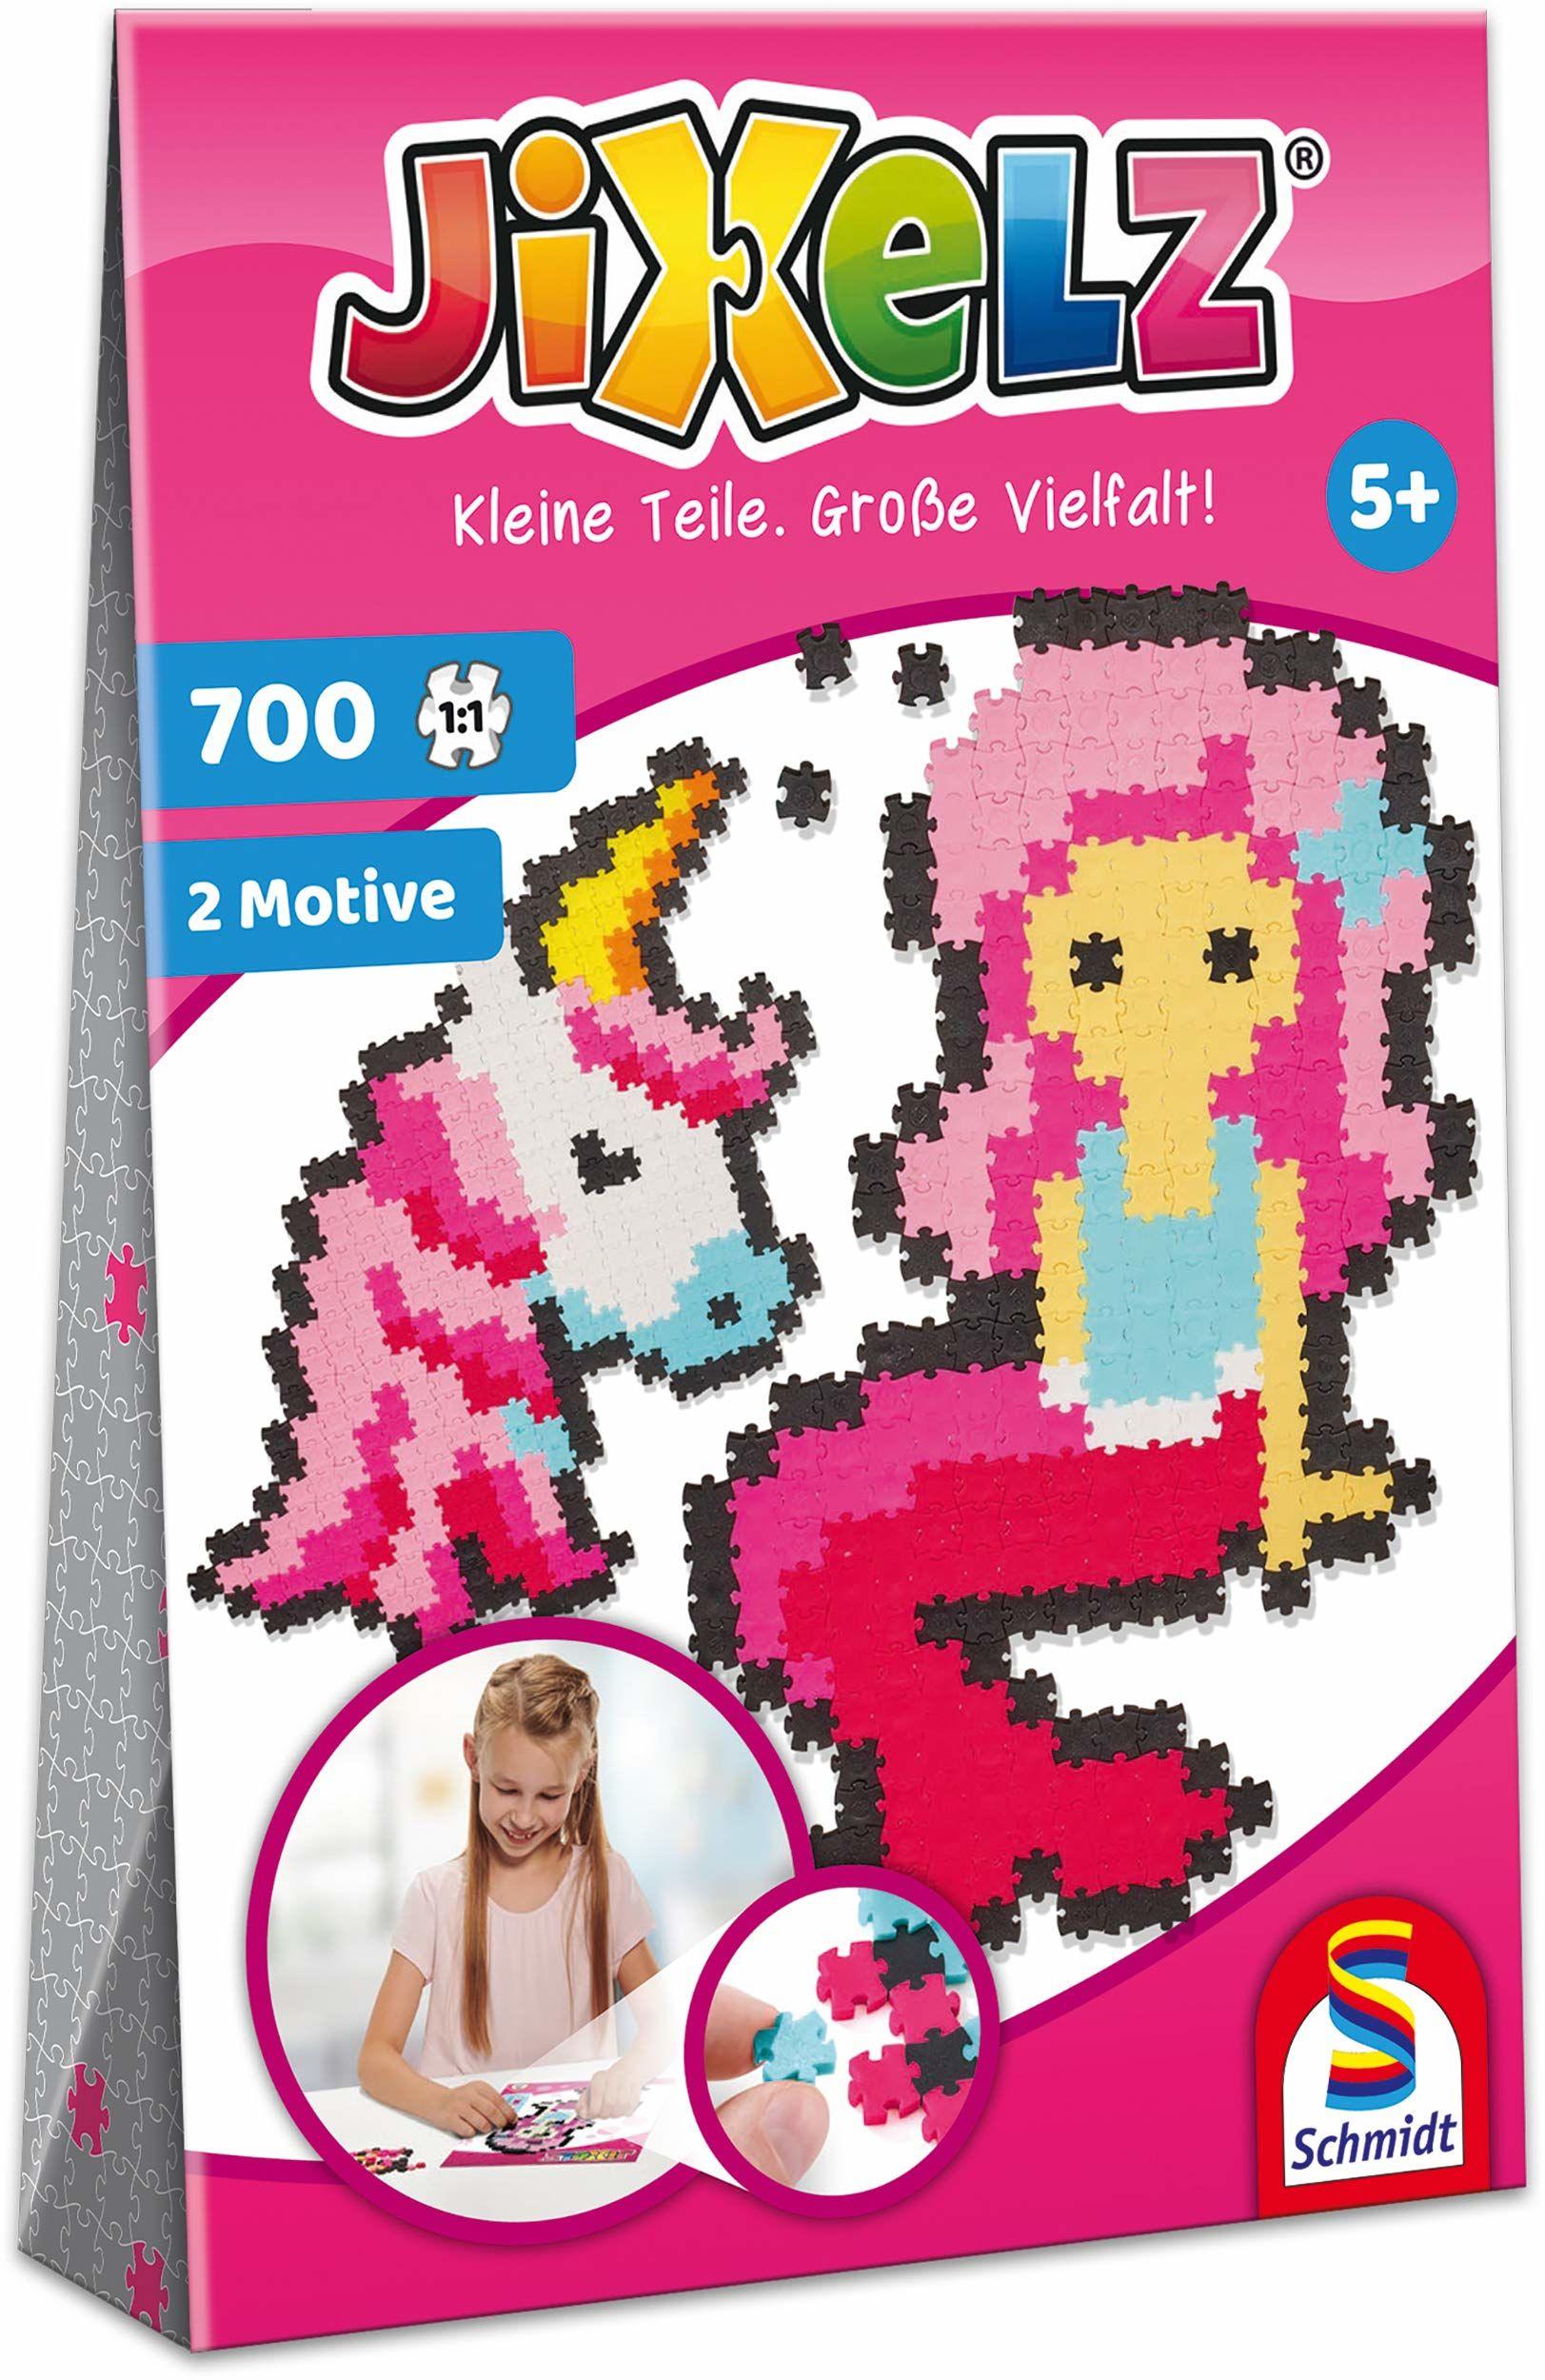 Schmidt Spiele 46115 Jixelz, jednorożec i syrenka, 700 części, 2 motywy, zestawy do majsterkowania dla dzieci, puzzle dziecięce